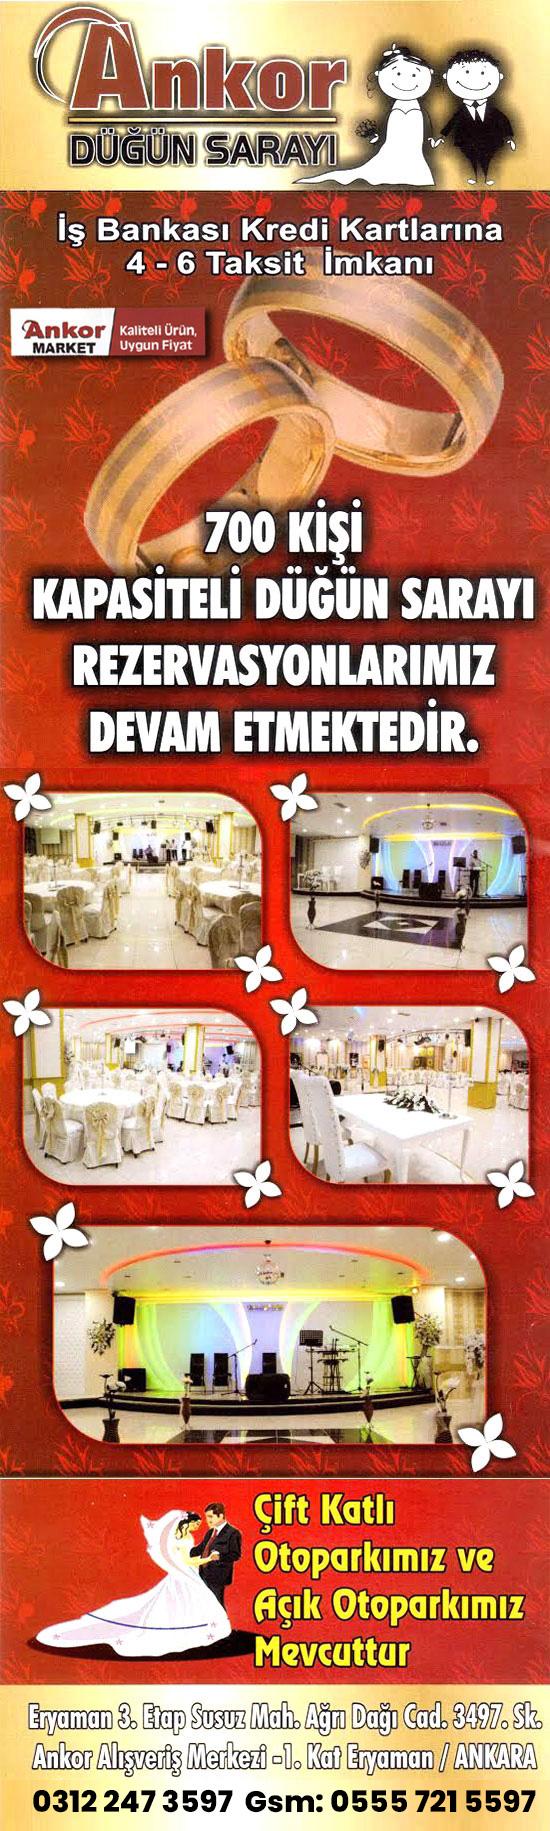 Ankor Düğün Sarayı